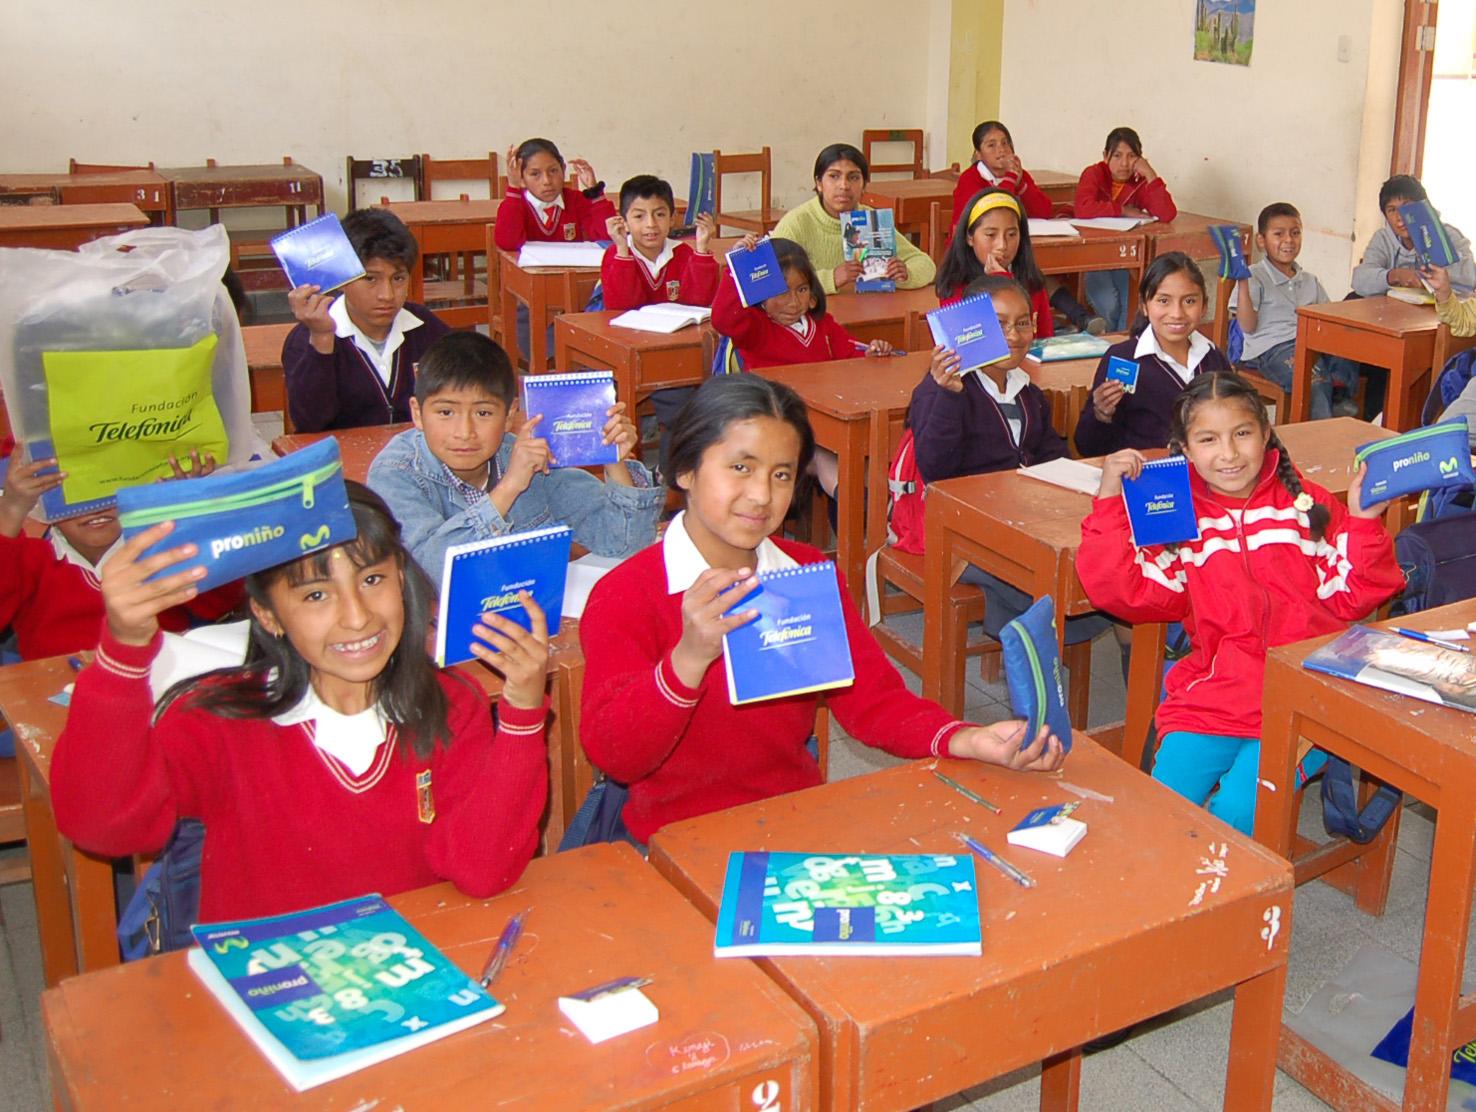 """Proniño presenta en Panamá nuevo concurso de periodismo """"Unidos por la erradicación del trabajo infantil"""""""